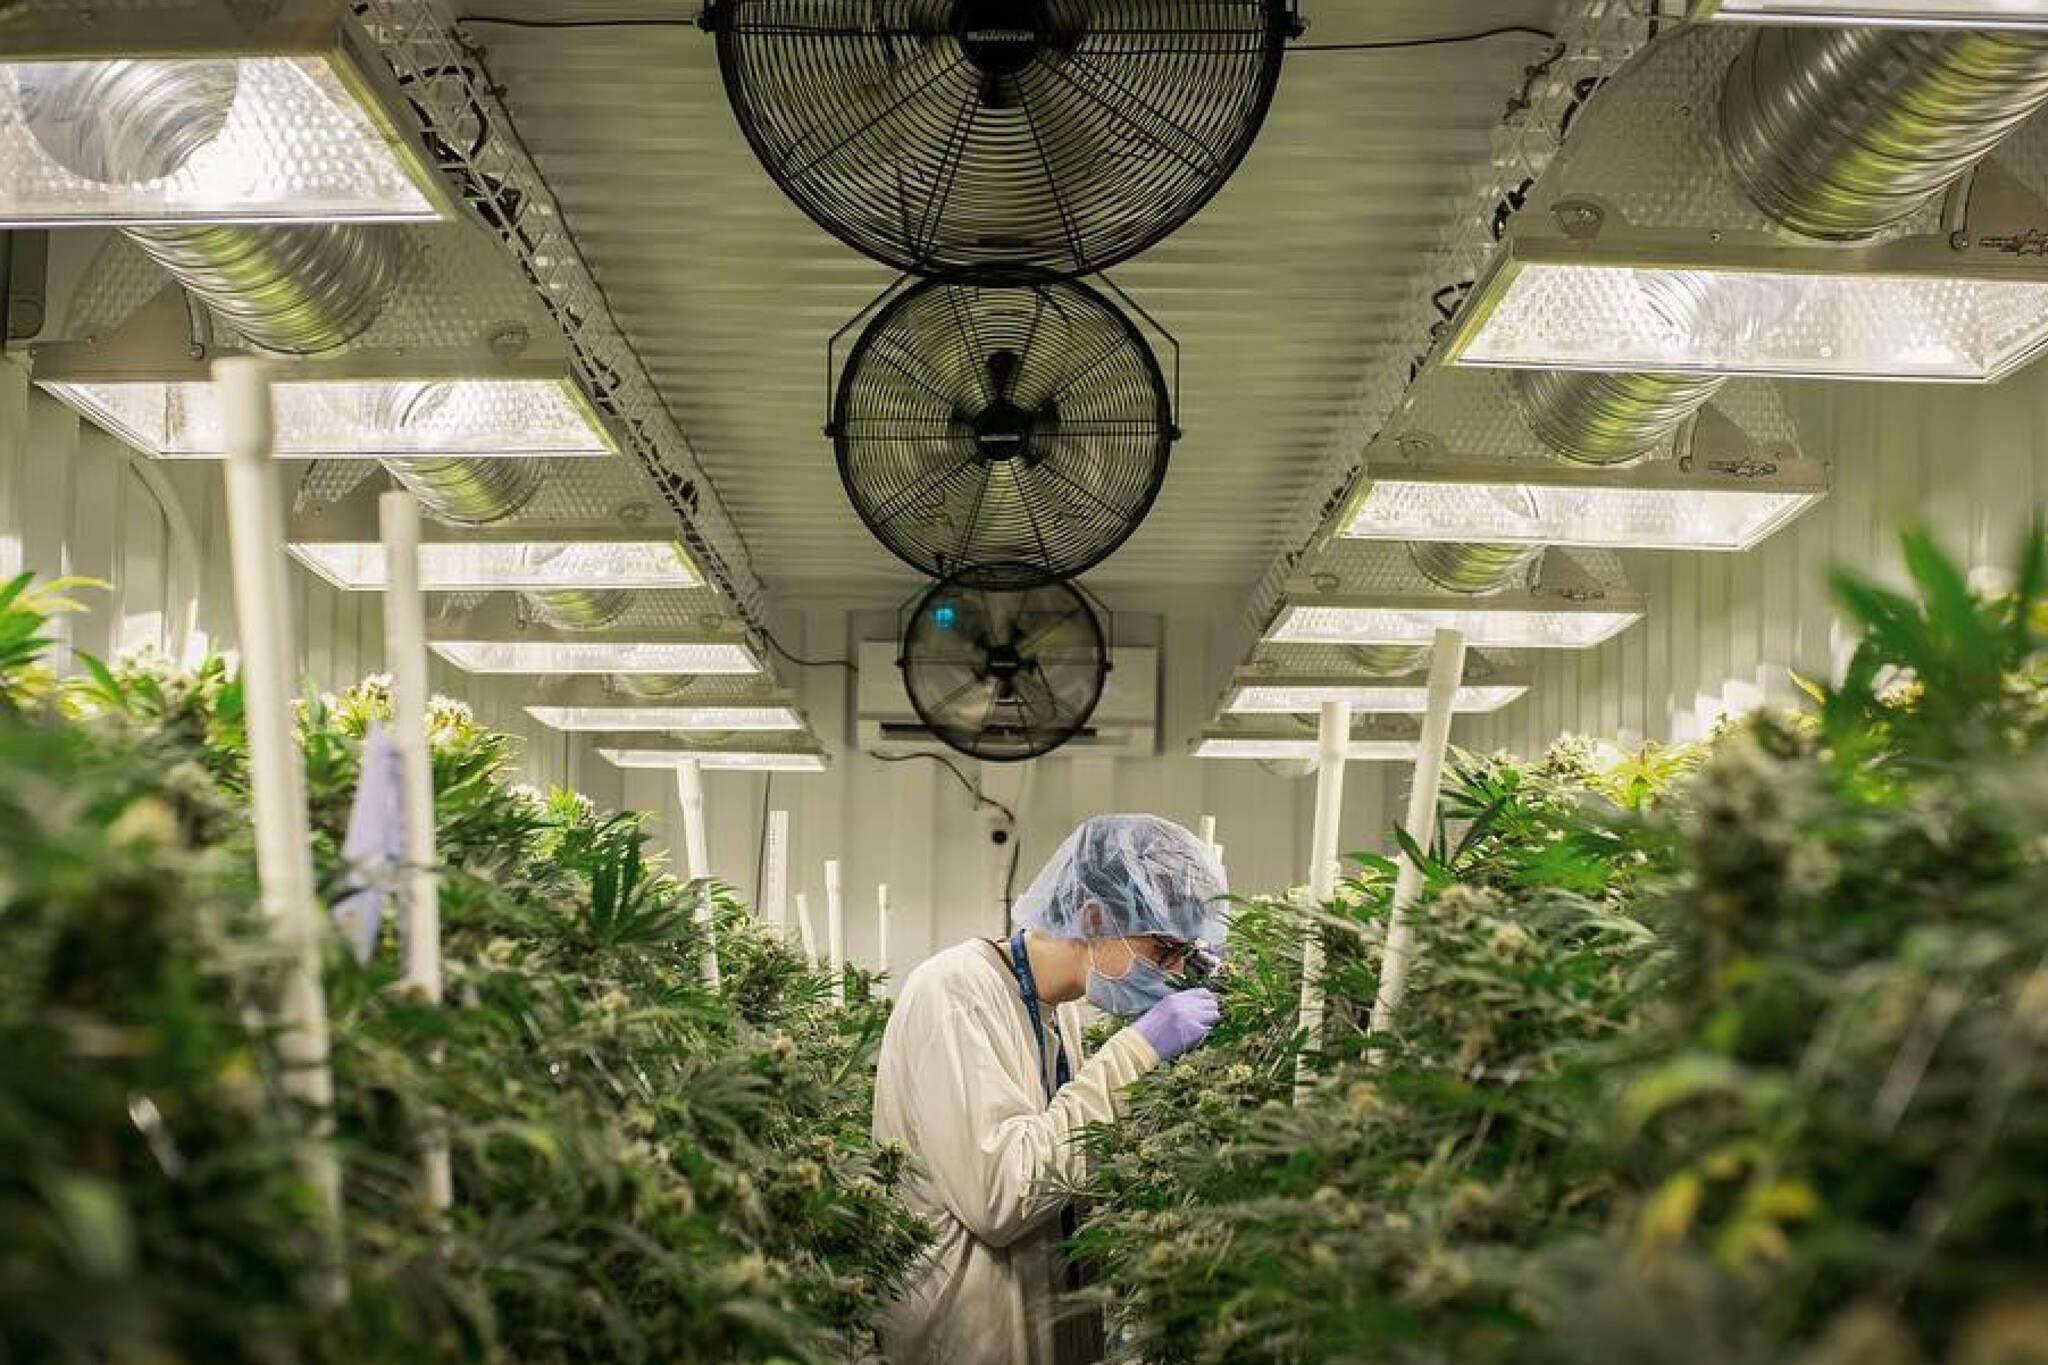 ontario cannabis store toronto